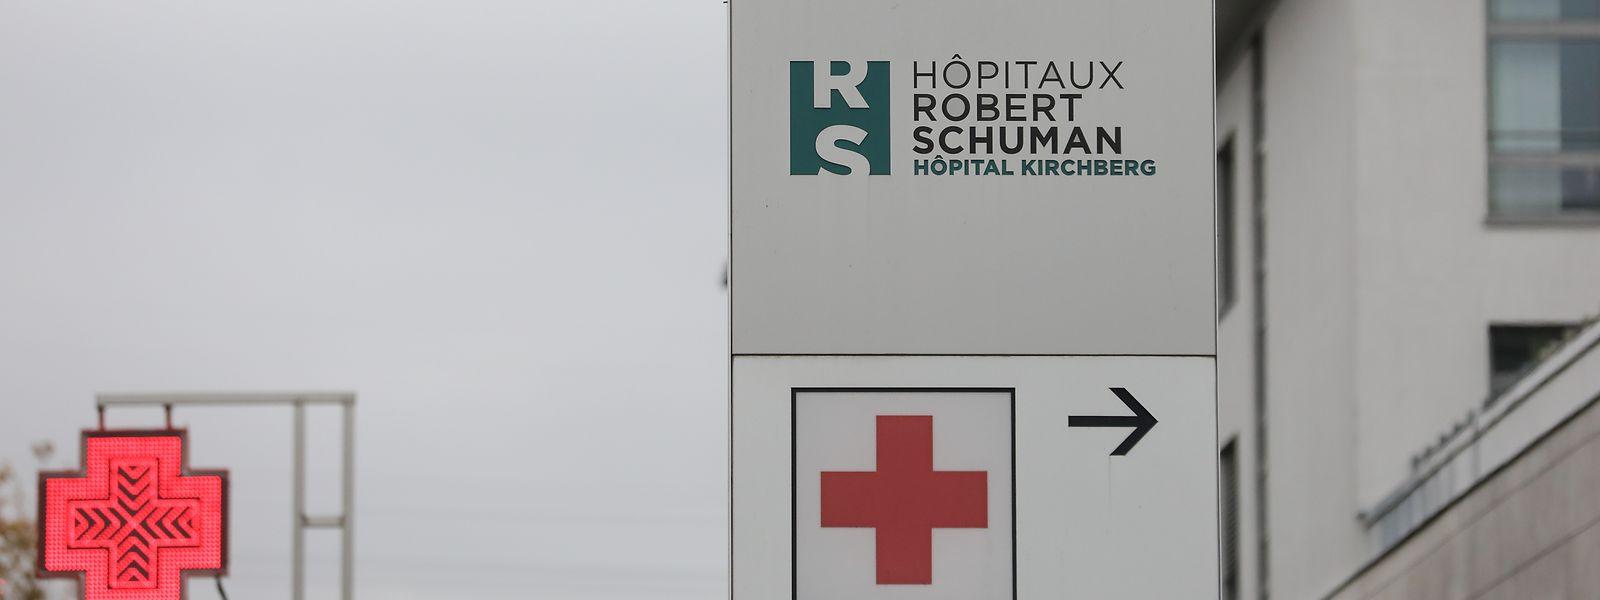 L'accès à l'hôpital du Kirchberg est désormais contrôlé. Un cas de covd-19 y a été signalé.